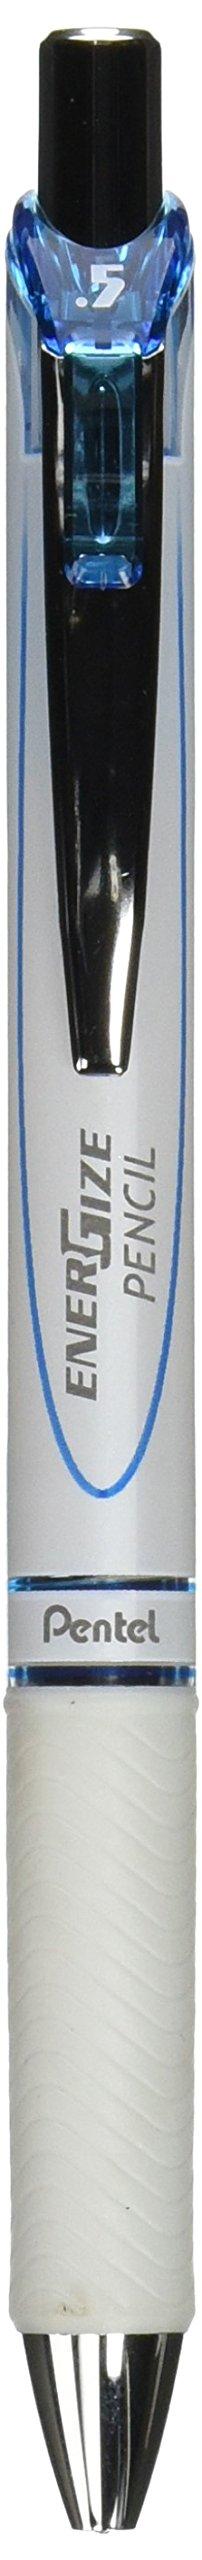 Pentel - Portaminas (0,5 mm), color azul celeste